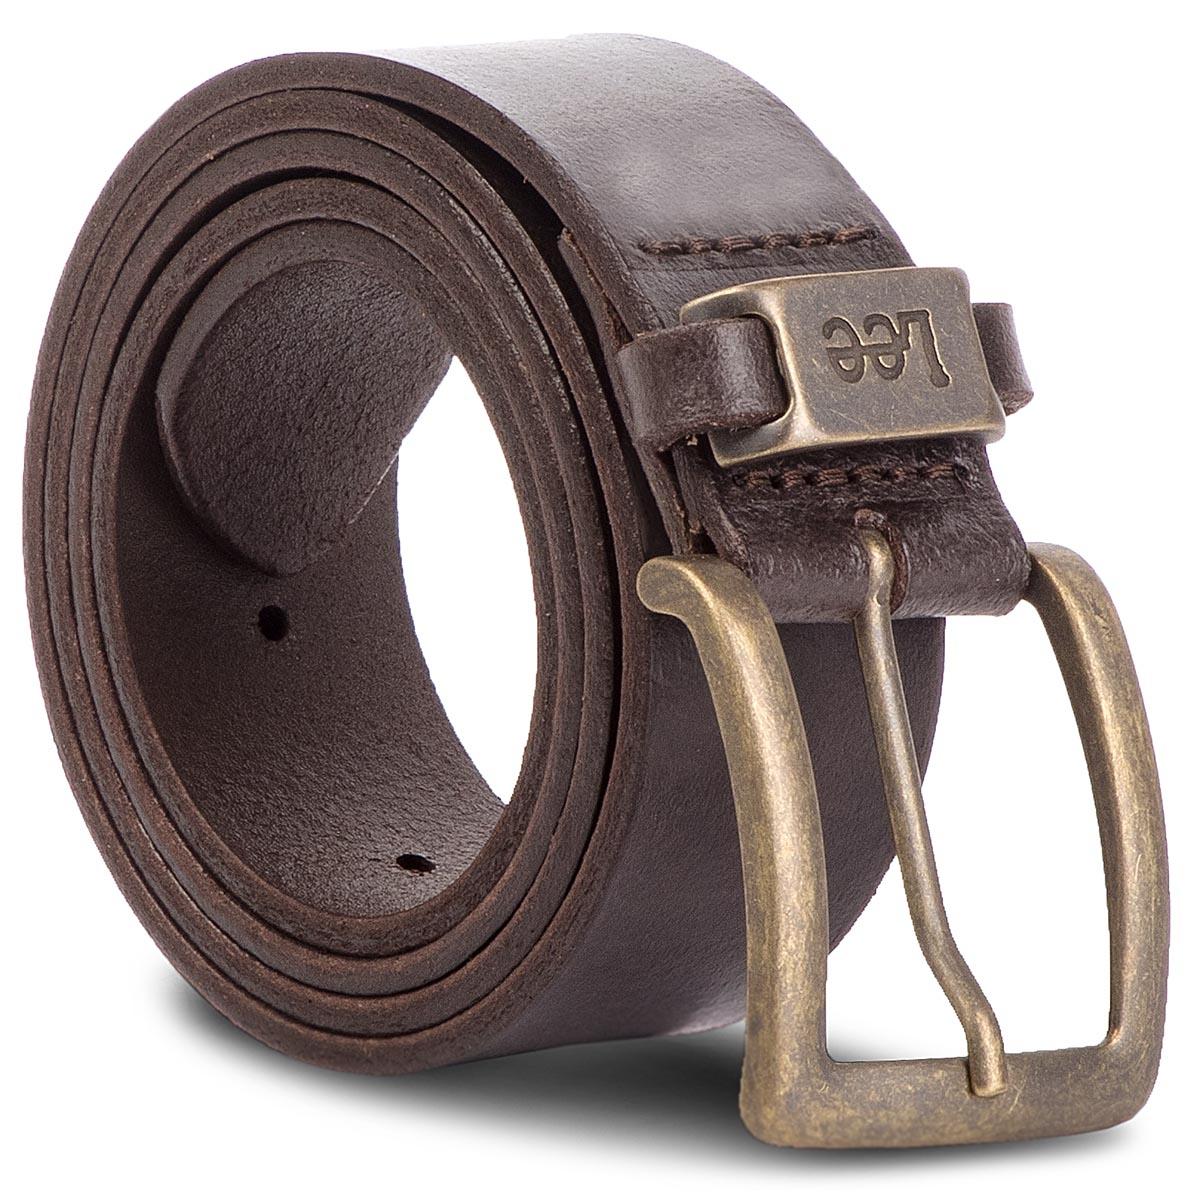 Image of Cintura da uomo LEE - LA055324 85 Dark Brown